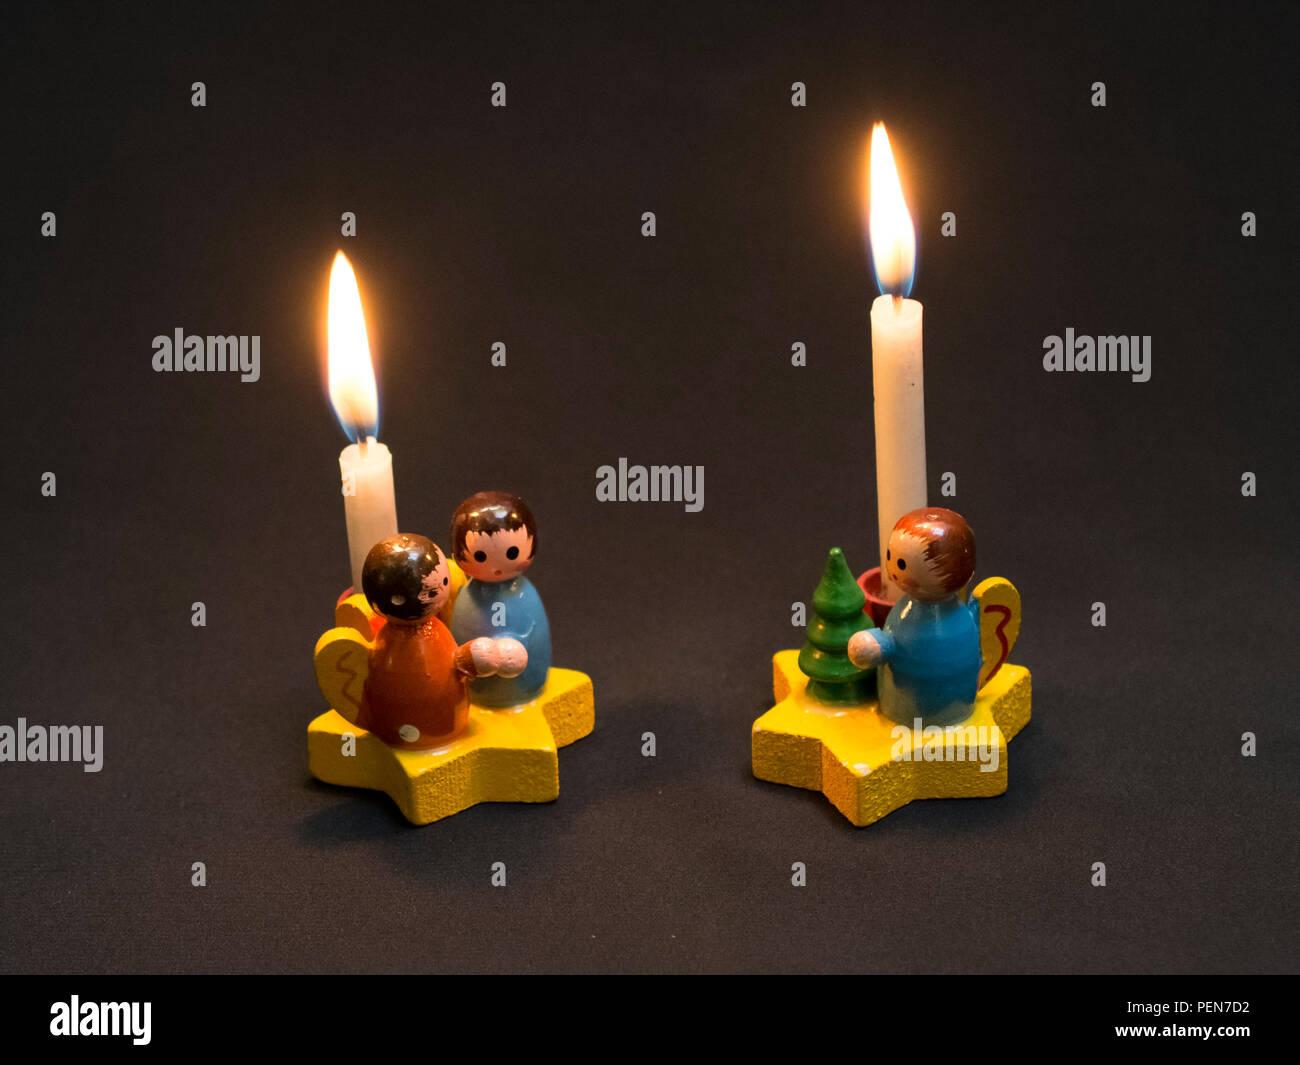 Deutscher Weihnachtsschmuck: Sternsinger aus dem Erzgebirge - singende Engel mit brennenden Kerzen Stock Photo